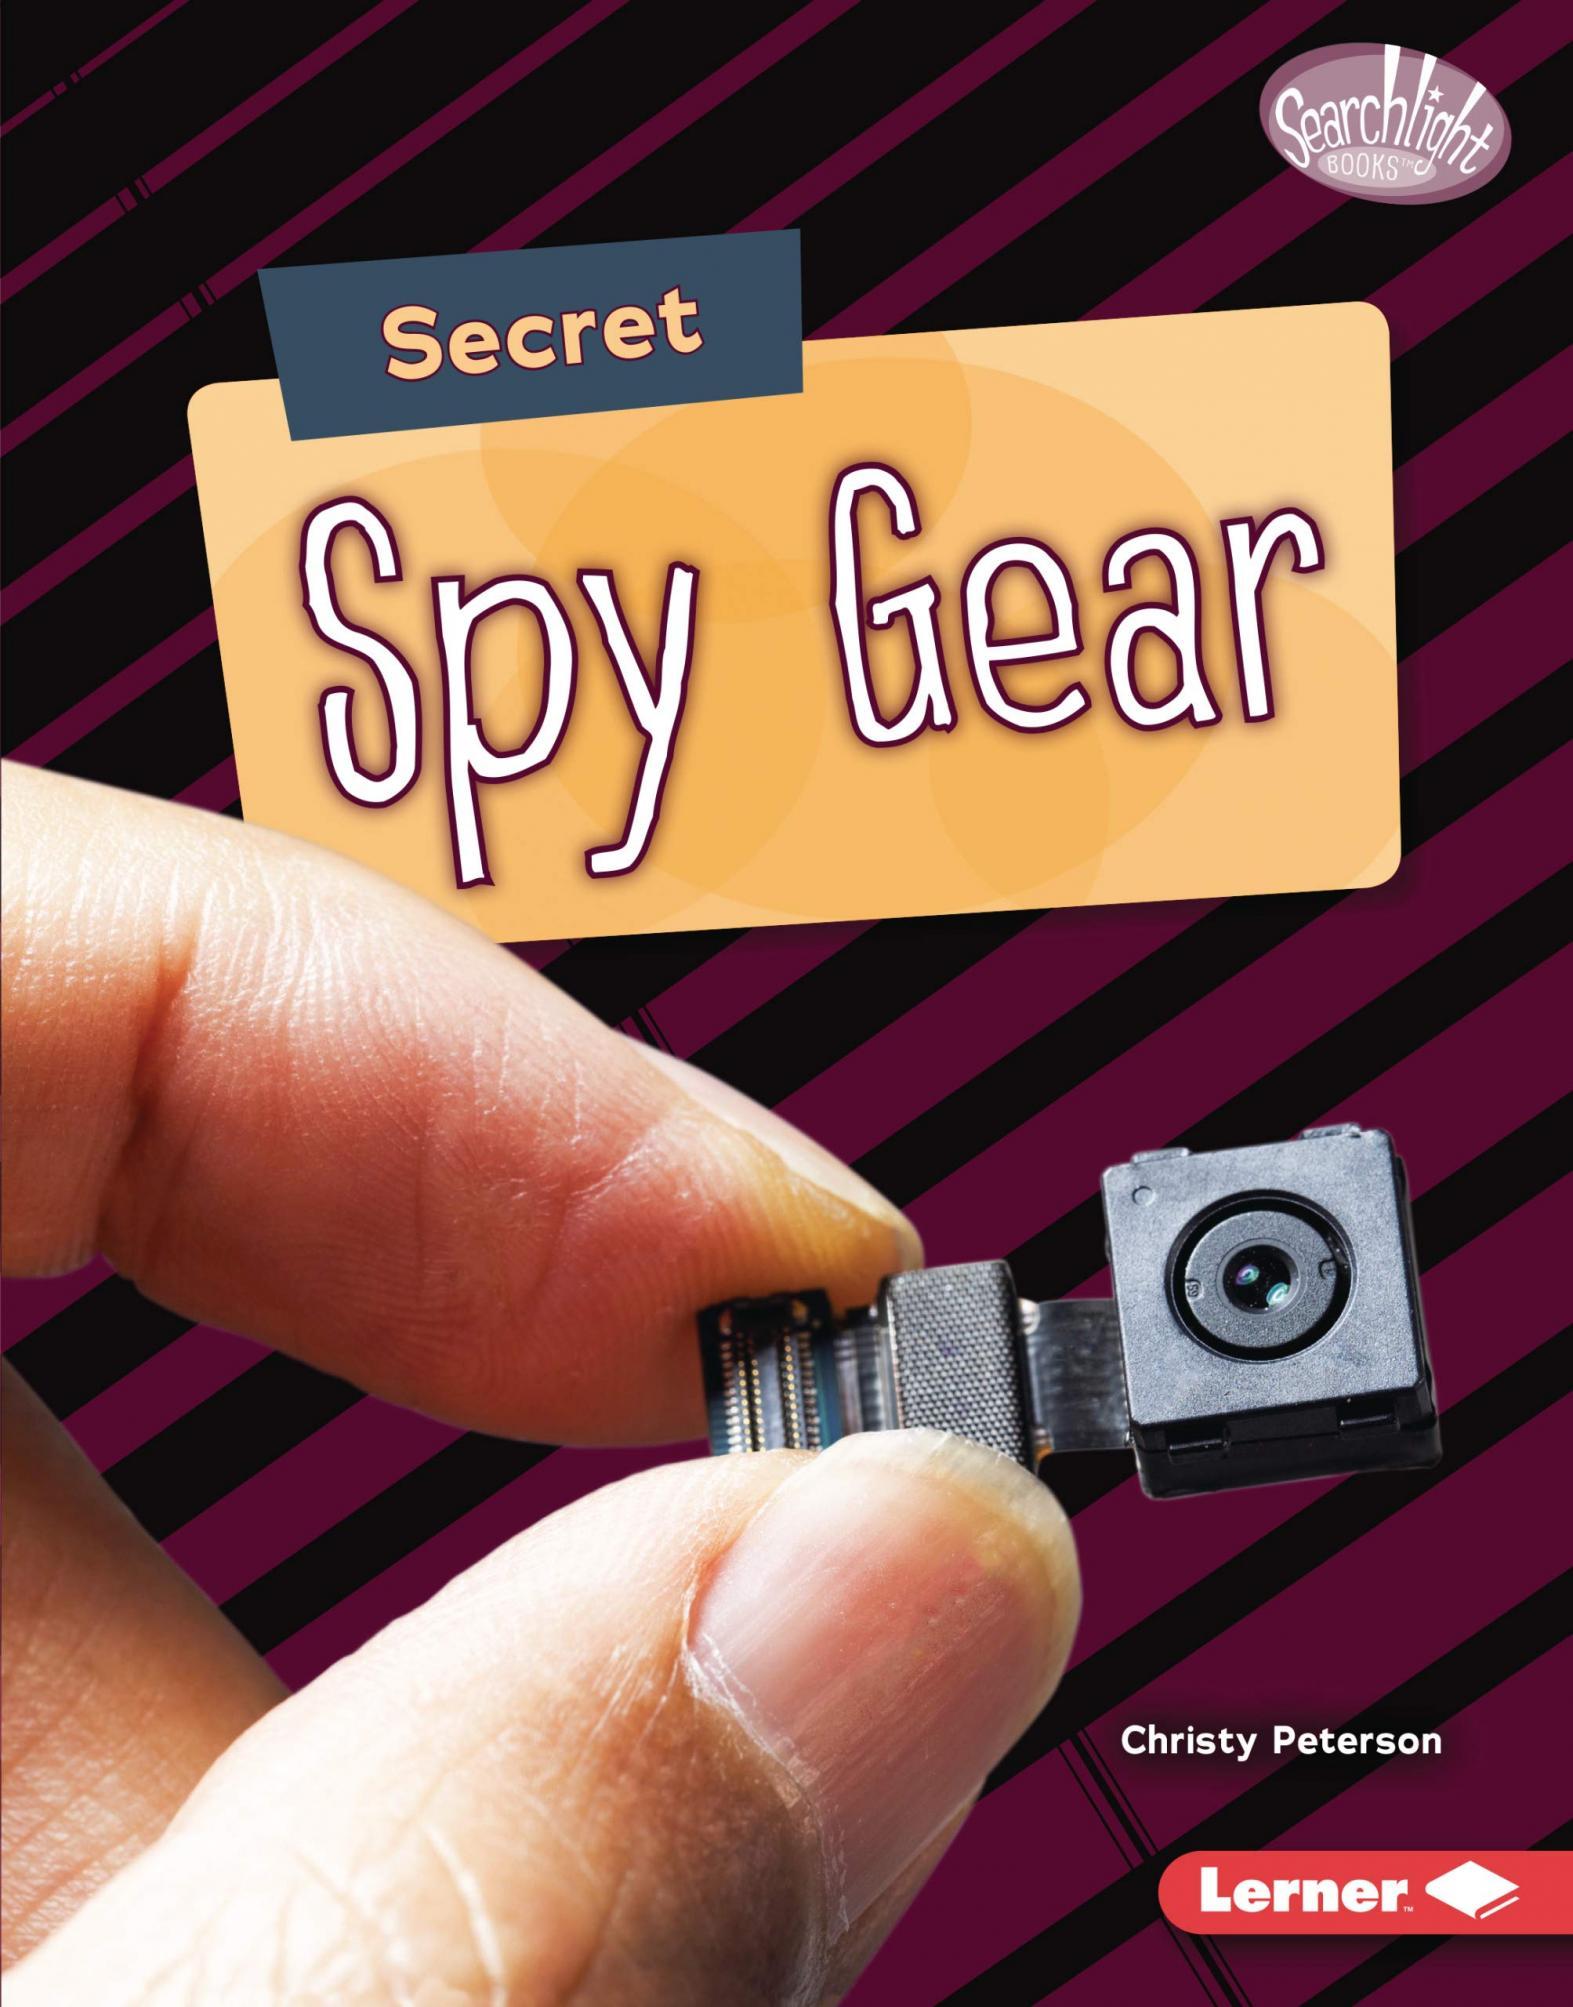 Secret spy gear